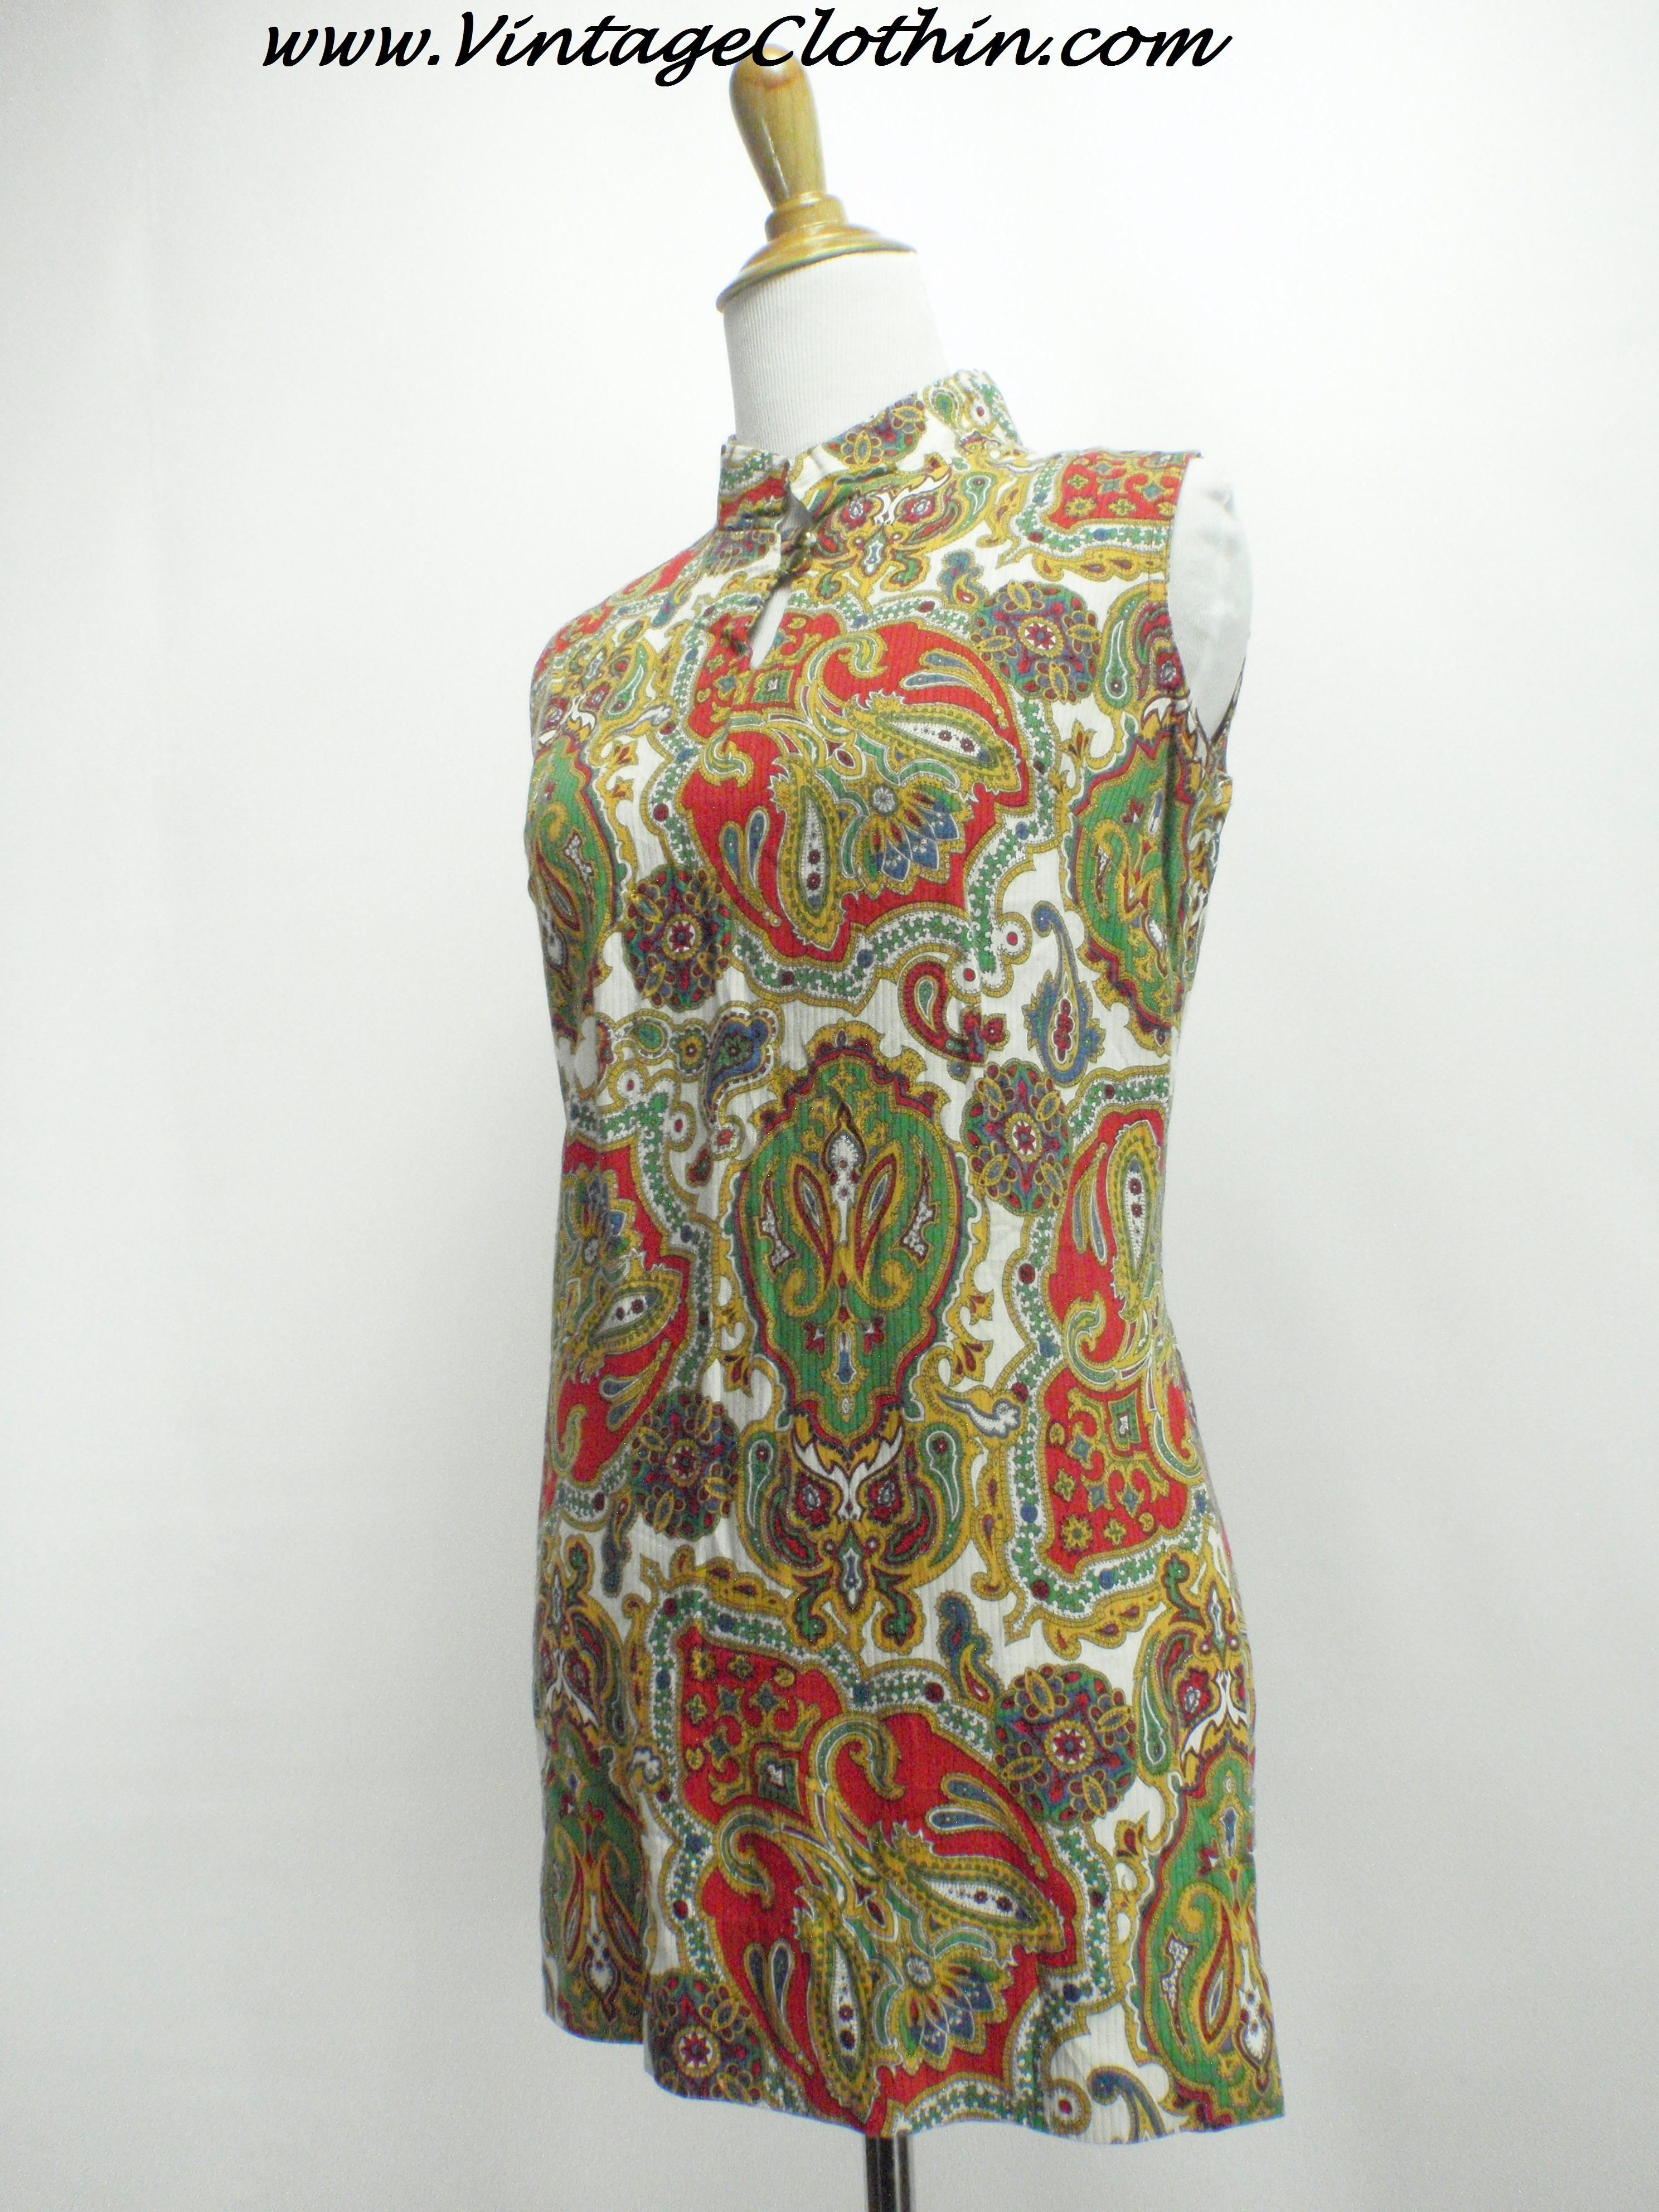 VintageClothin.com Blog  Vintage Clothing Vintage Apparel ...